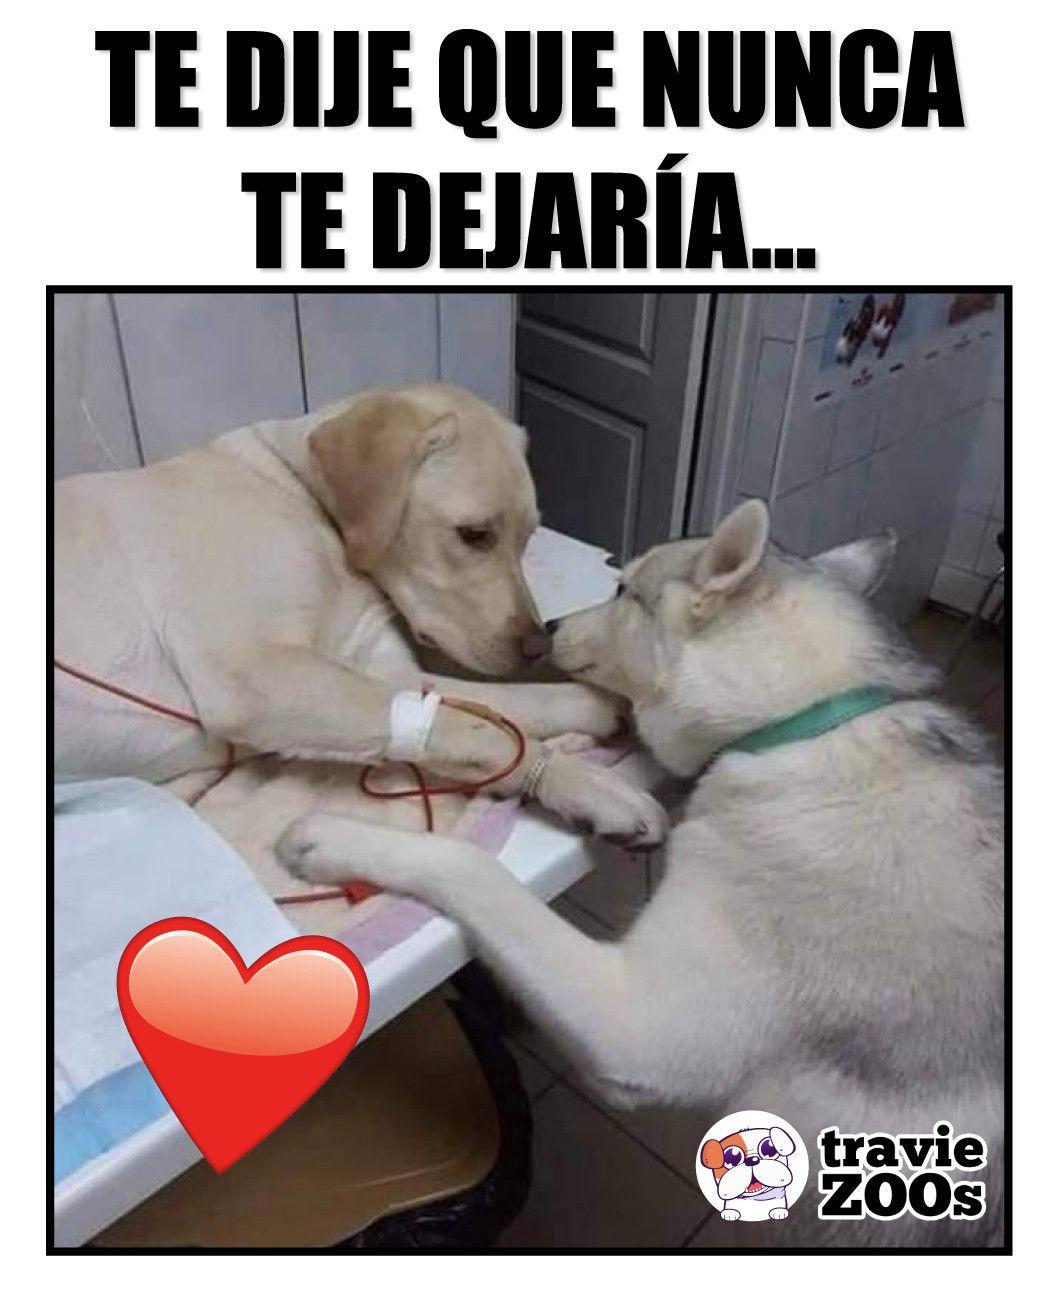 La Imagen Puede Contener Perro Y Texto Animales Perros Perros Tristes Animales Frases